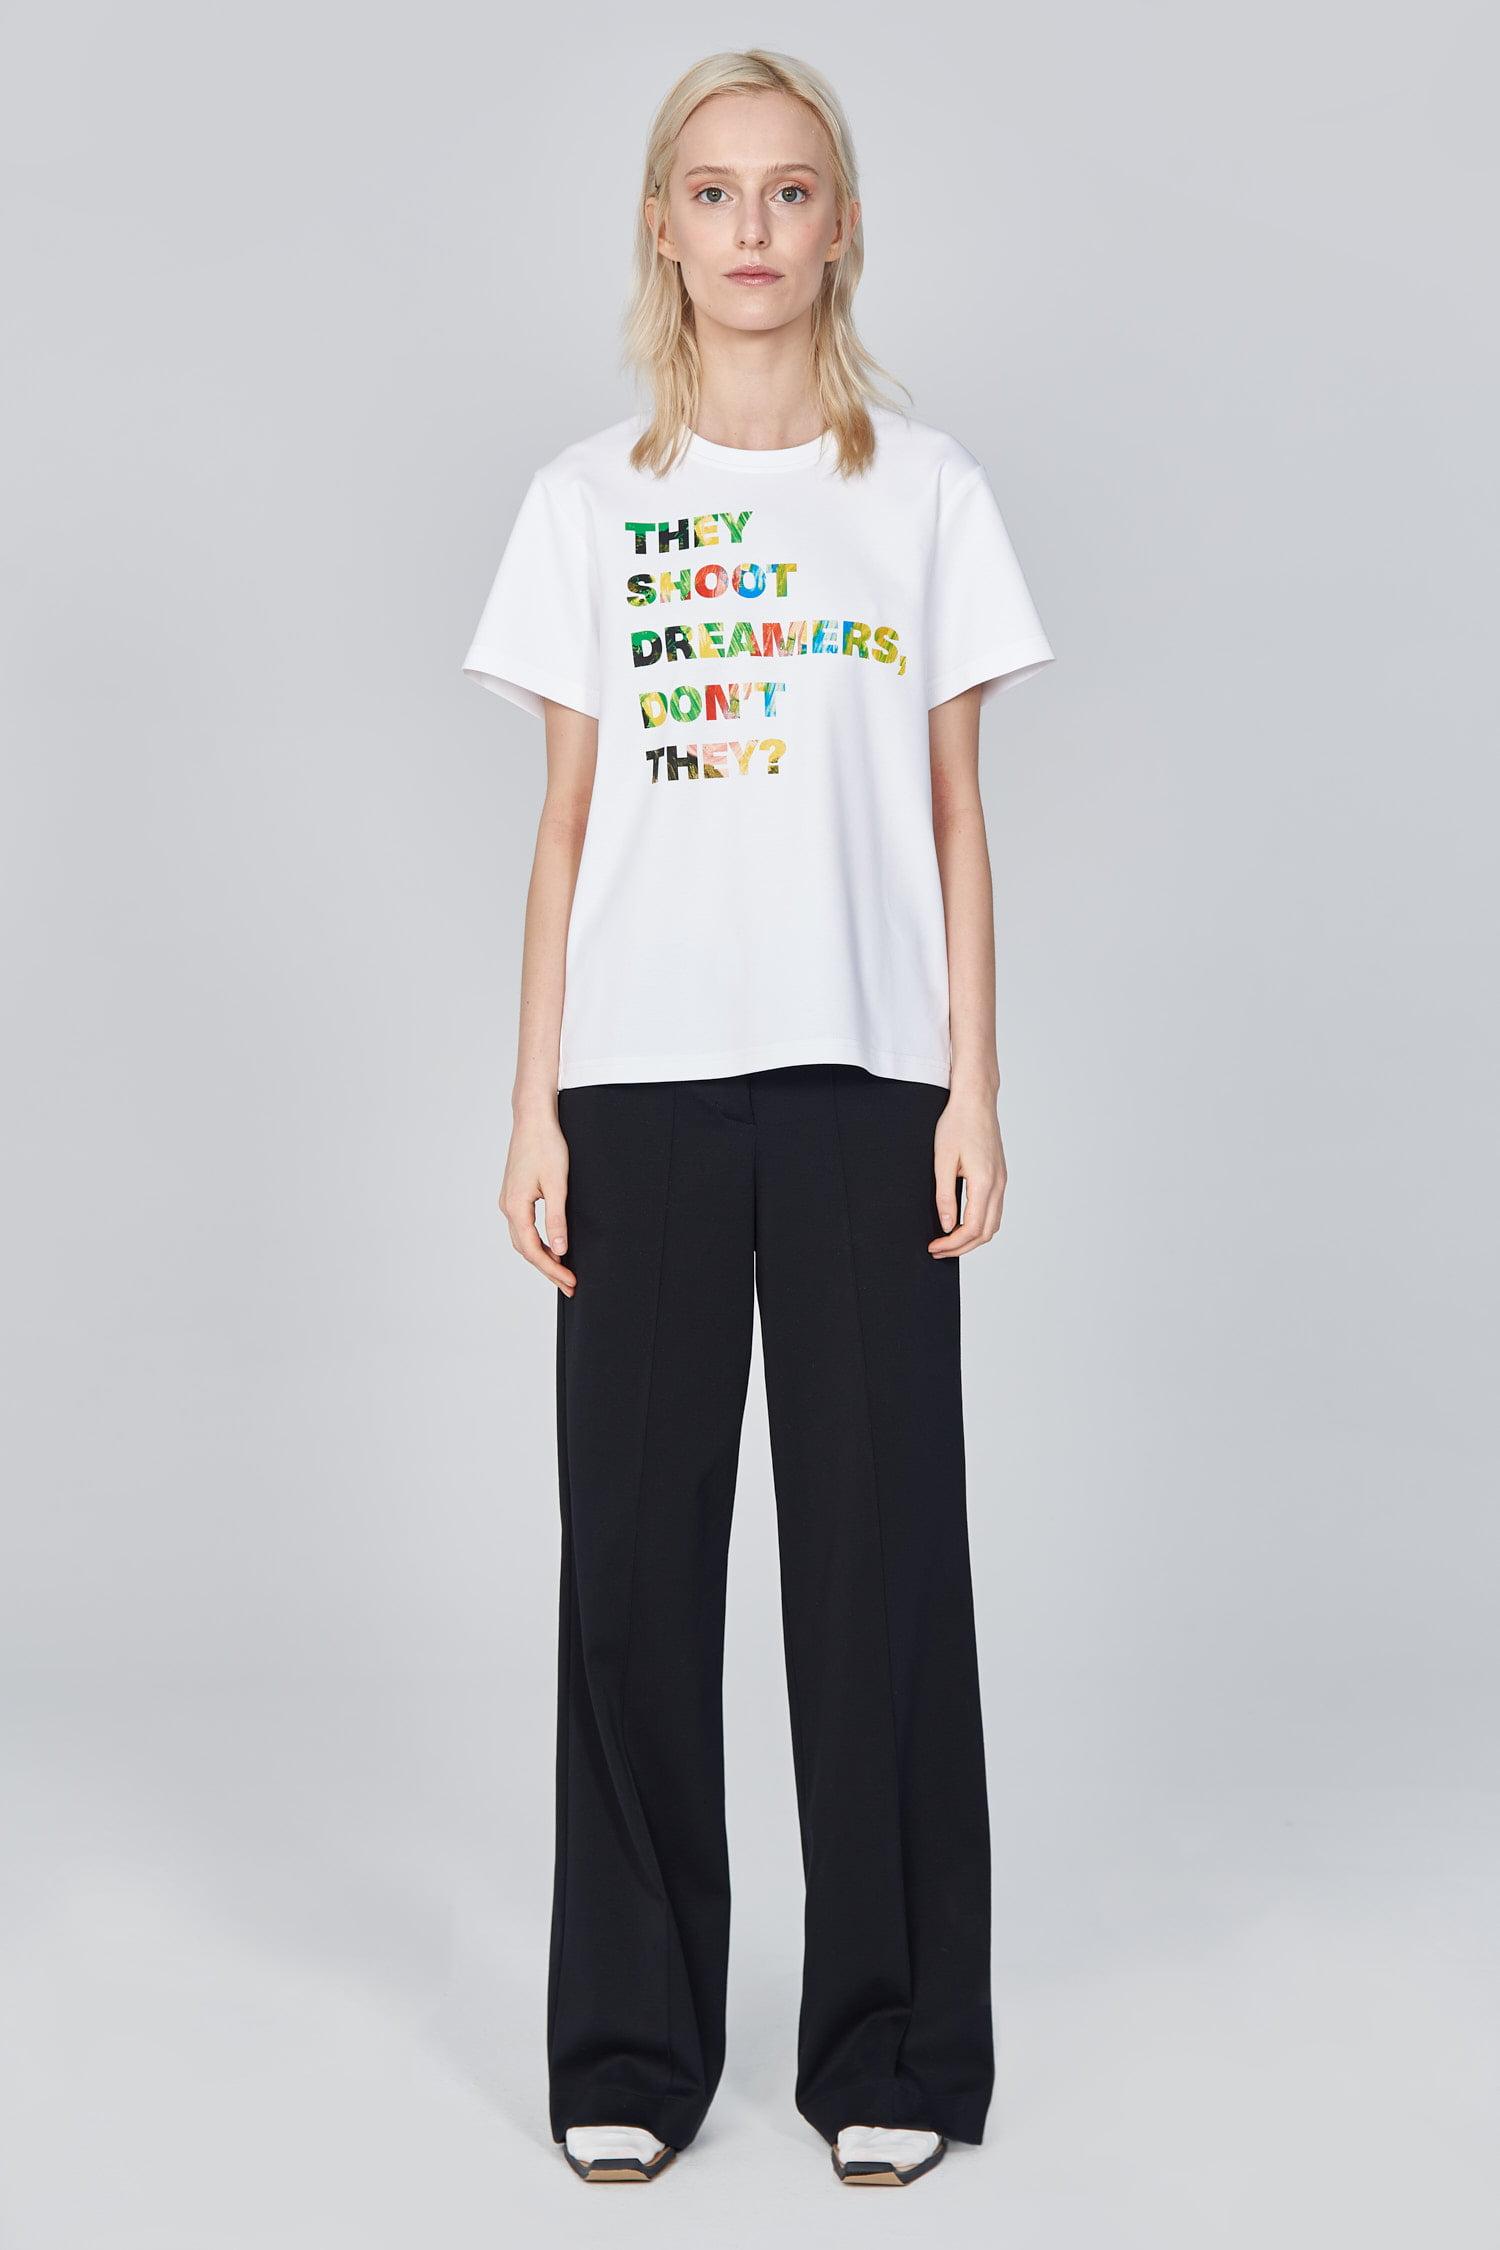 Acephala Ss21 White Slogan T Shirt Front